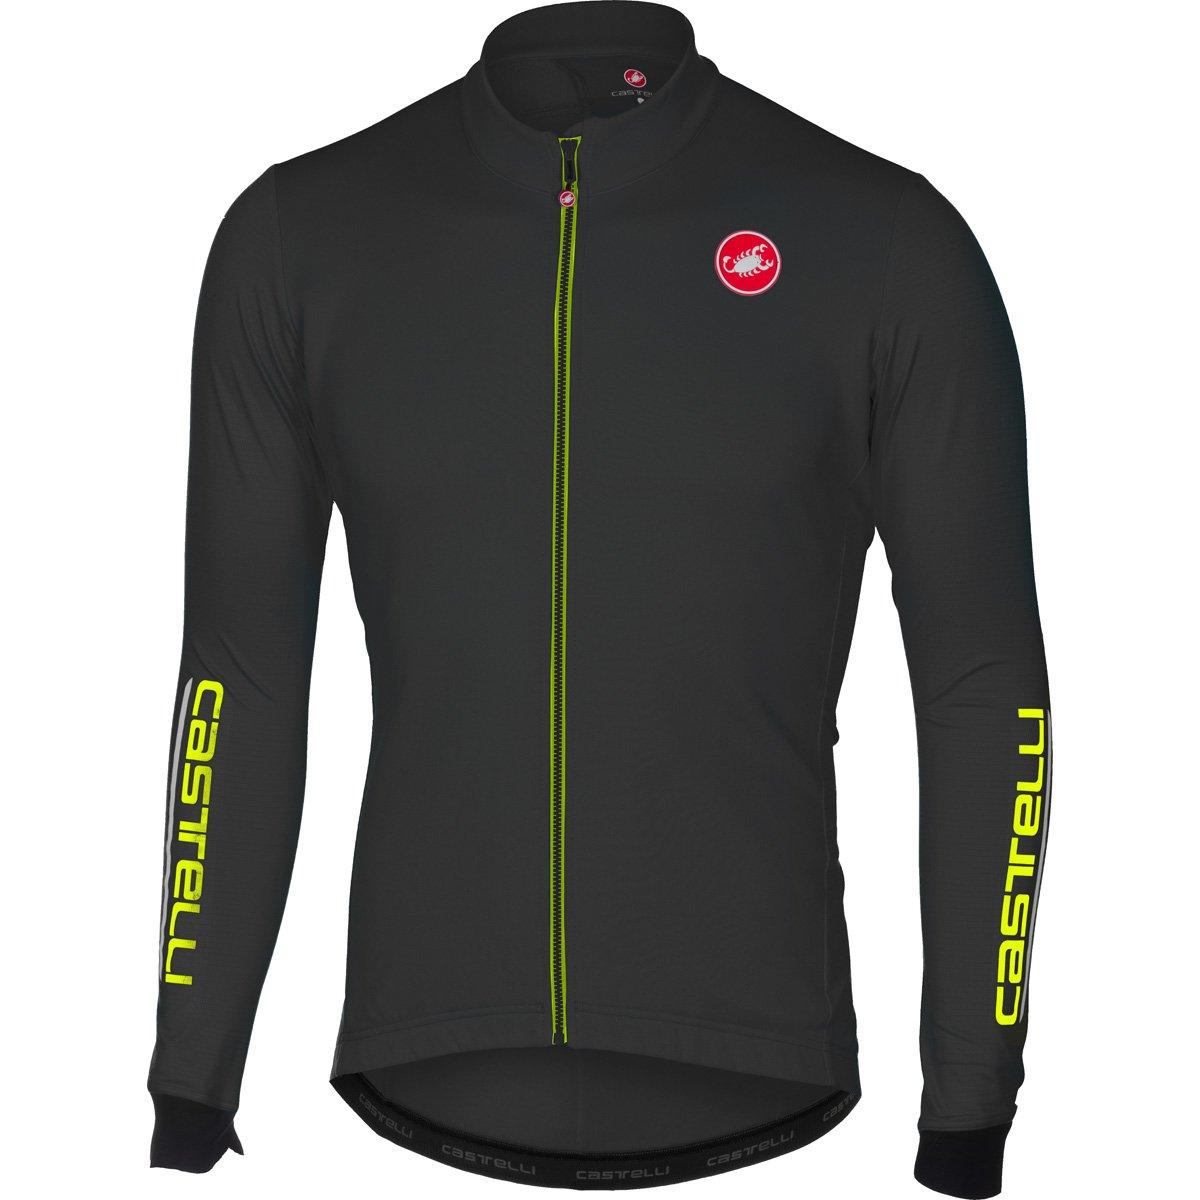 Castelli 2016 / 17メンズPuroフルZip長袖サイクリングジャージー – a16516 B074WKYSVH Medium|ライトブラック ライトブラック Medium